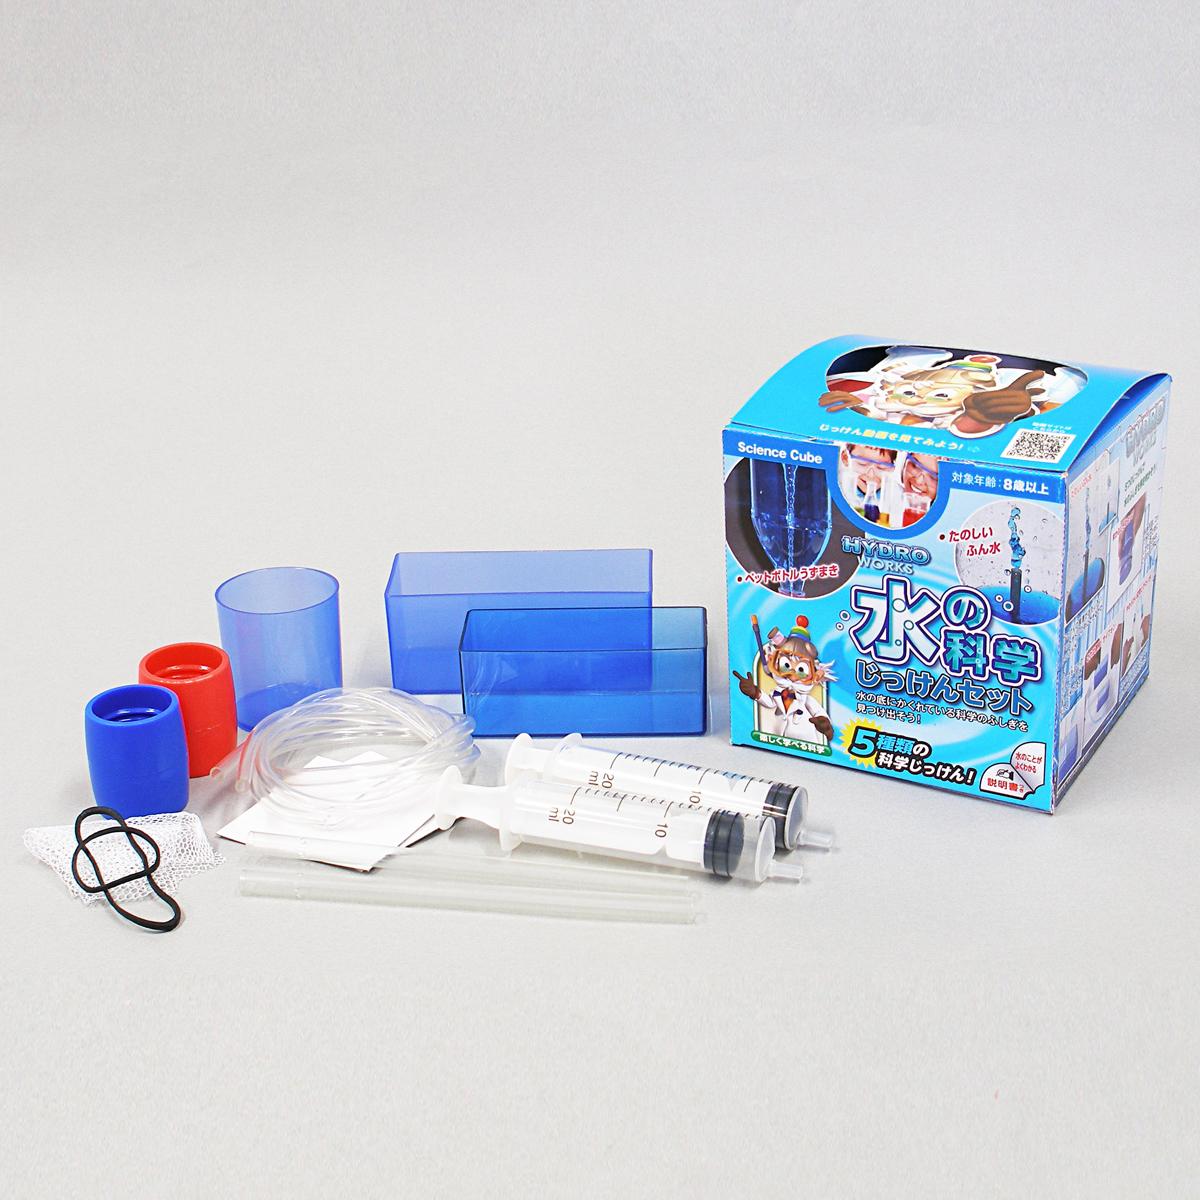 水の科学実験セット HYDRO WORKS 実験 キット 簡単 夏休み 自由研究 小学生 低学年 中学生 科学 理科 おもしろ実験 工作 おもちゃ